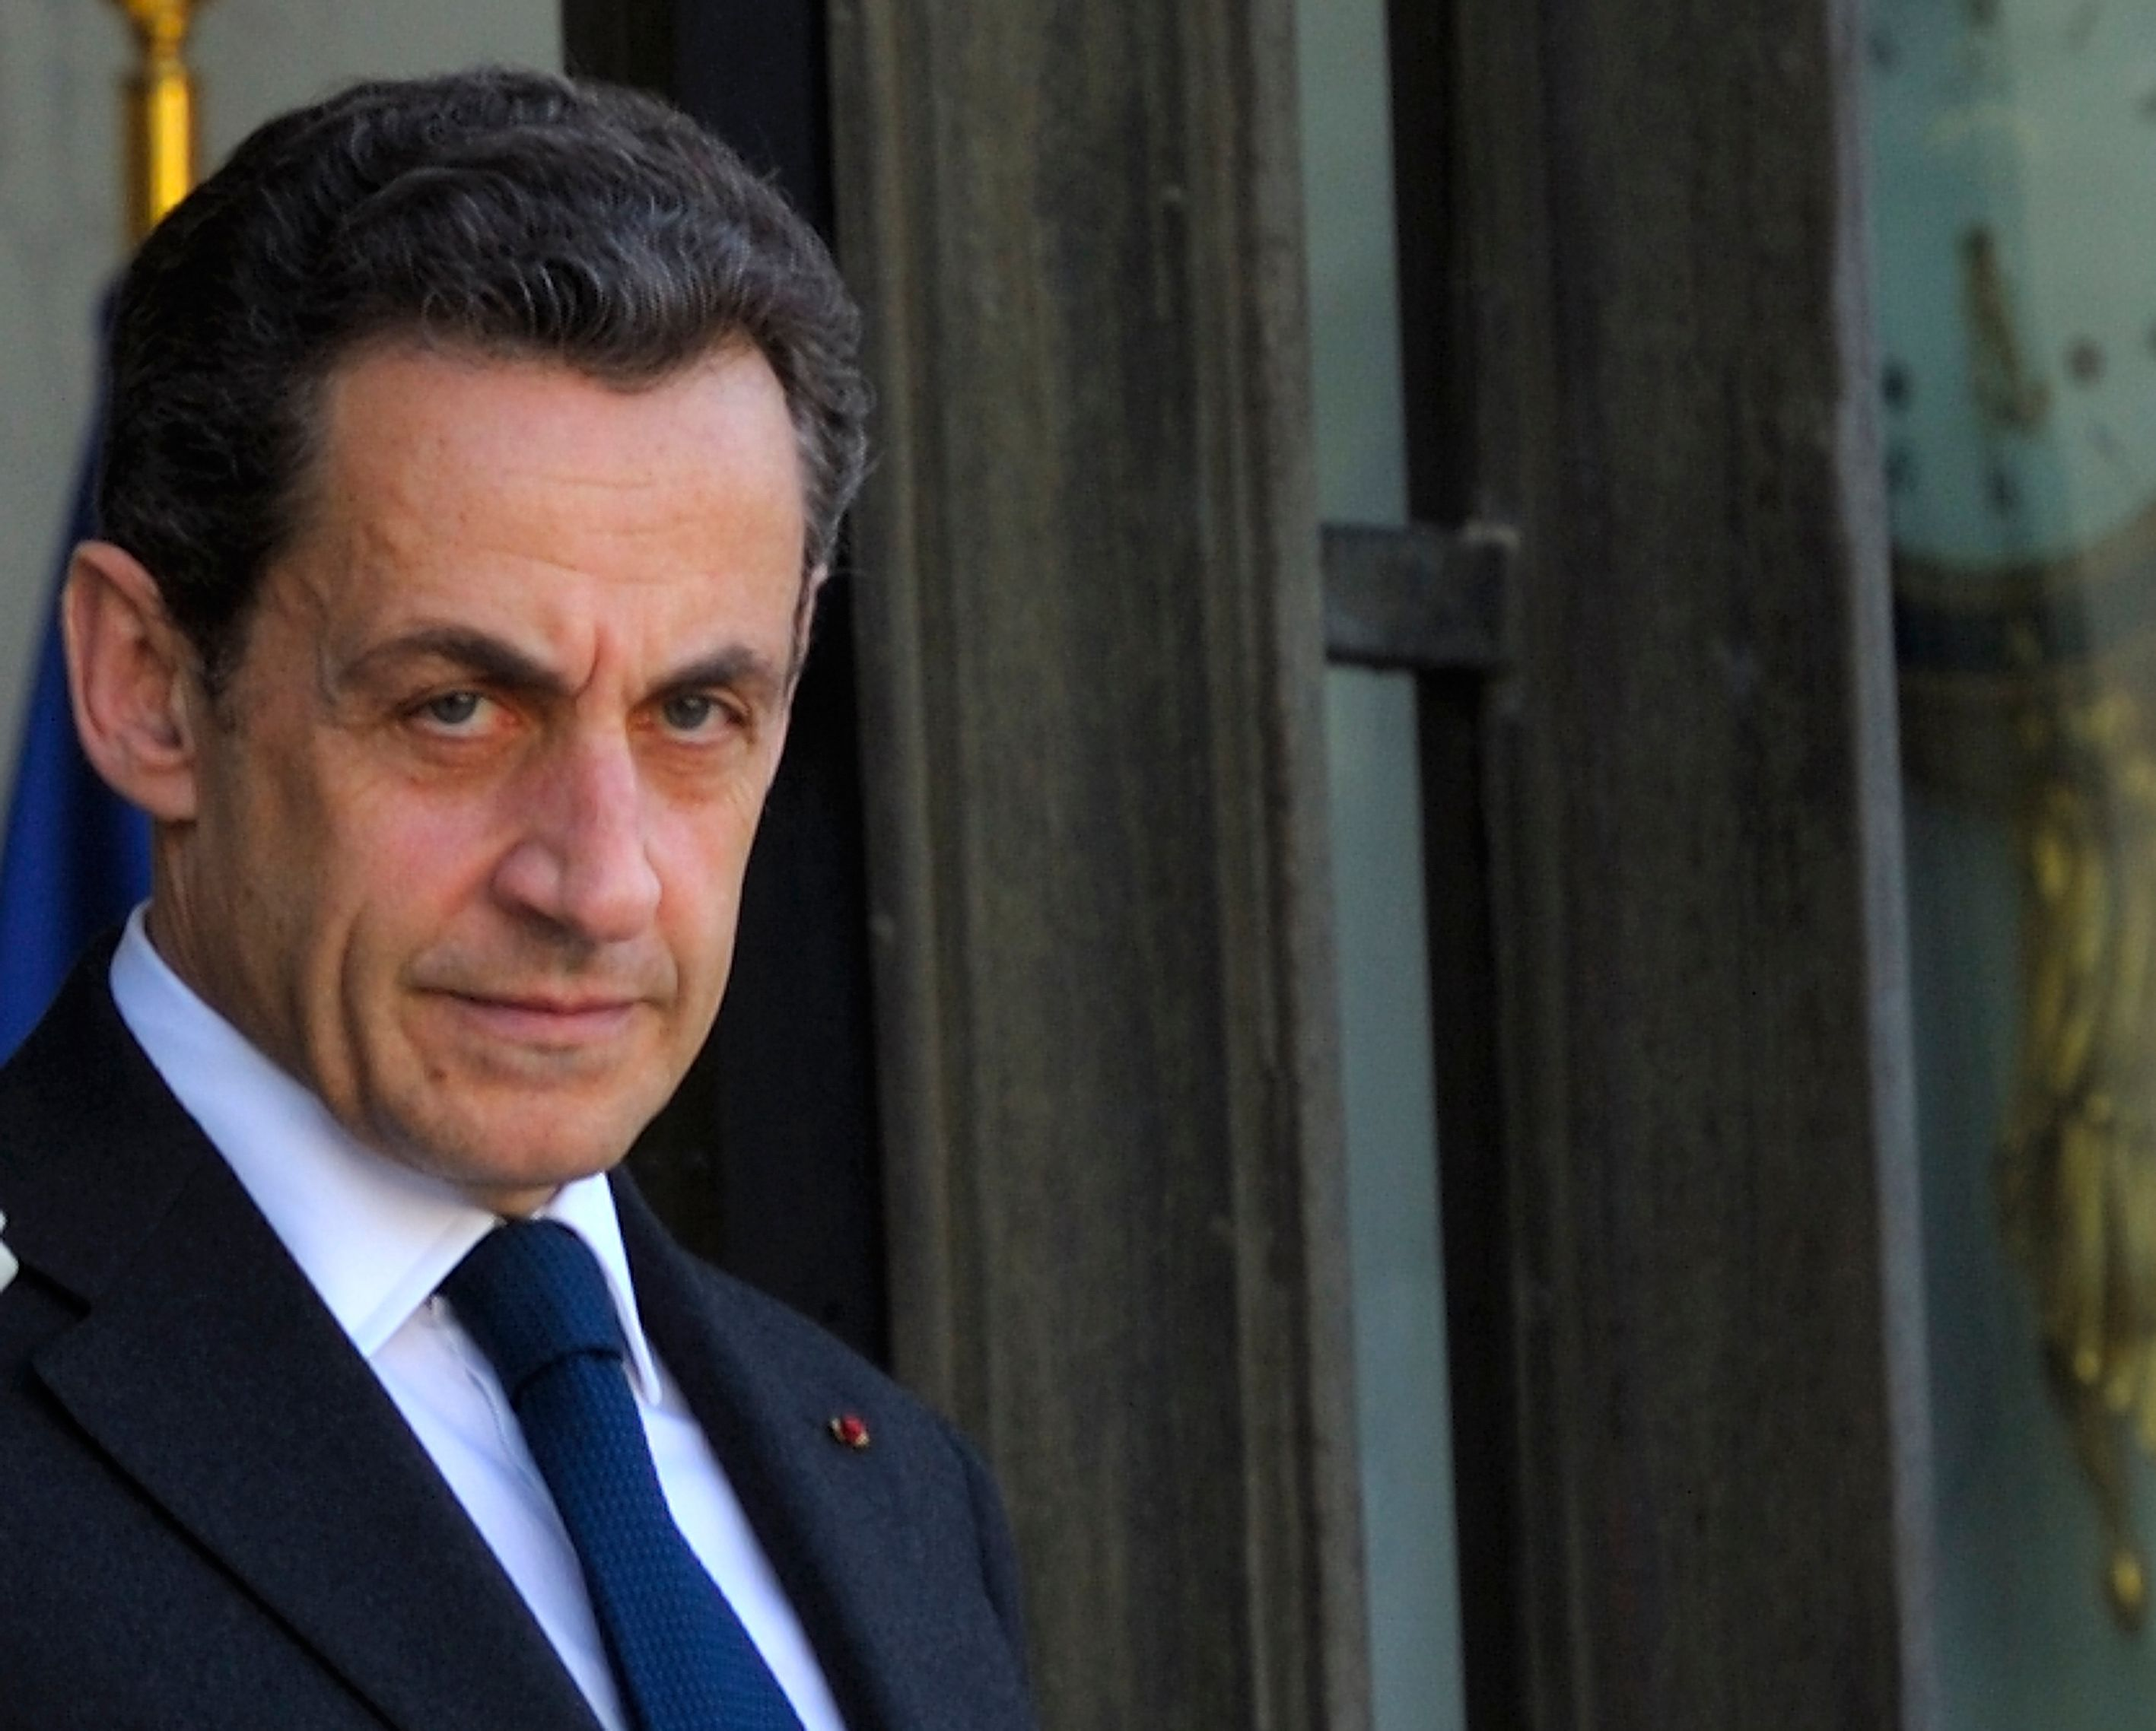 L'instruction porte sur des contrats conclus sous le quinquennat Sarkozy entre l'Élysée et des instituts de sondage ou sociétés de conseil.